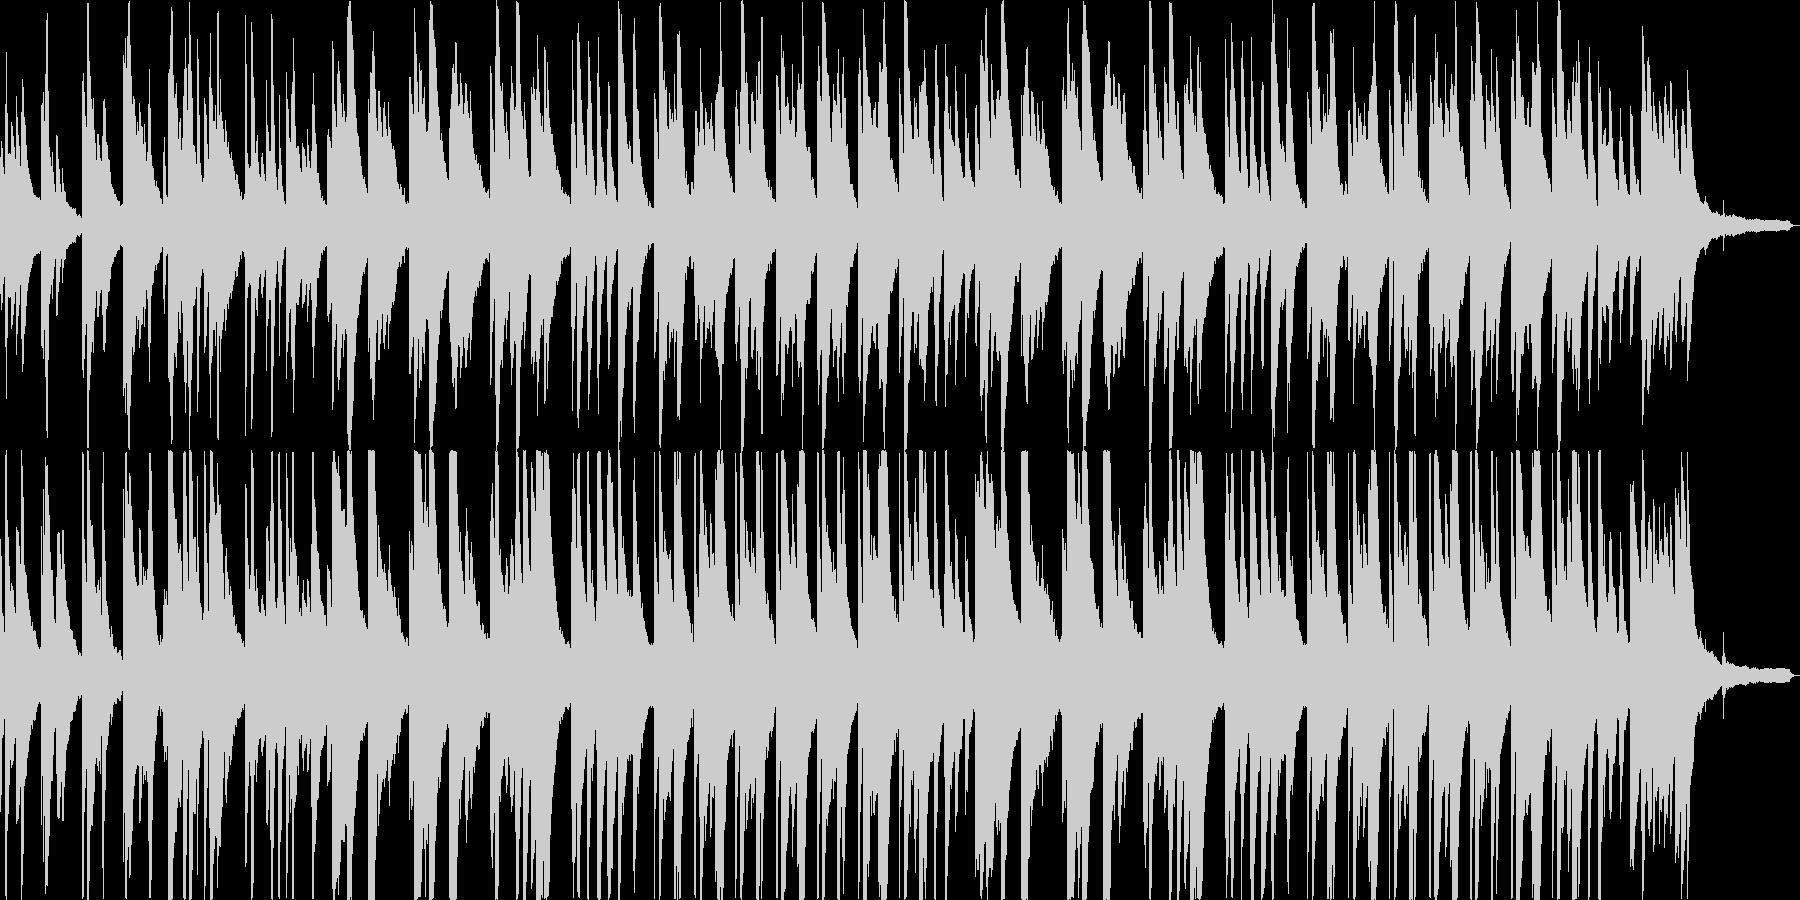 悲しみに包まれるピアノバラードの未再生の波形